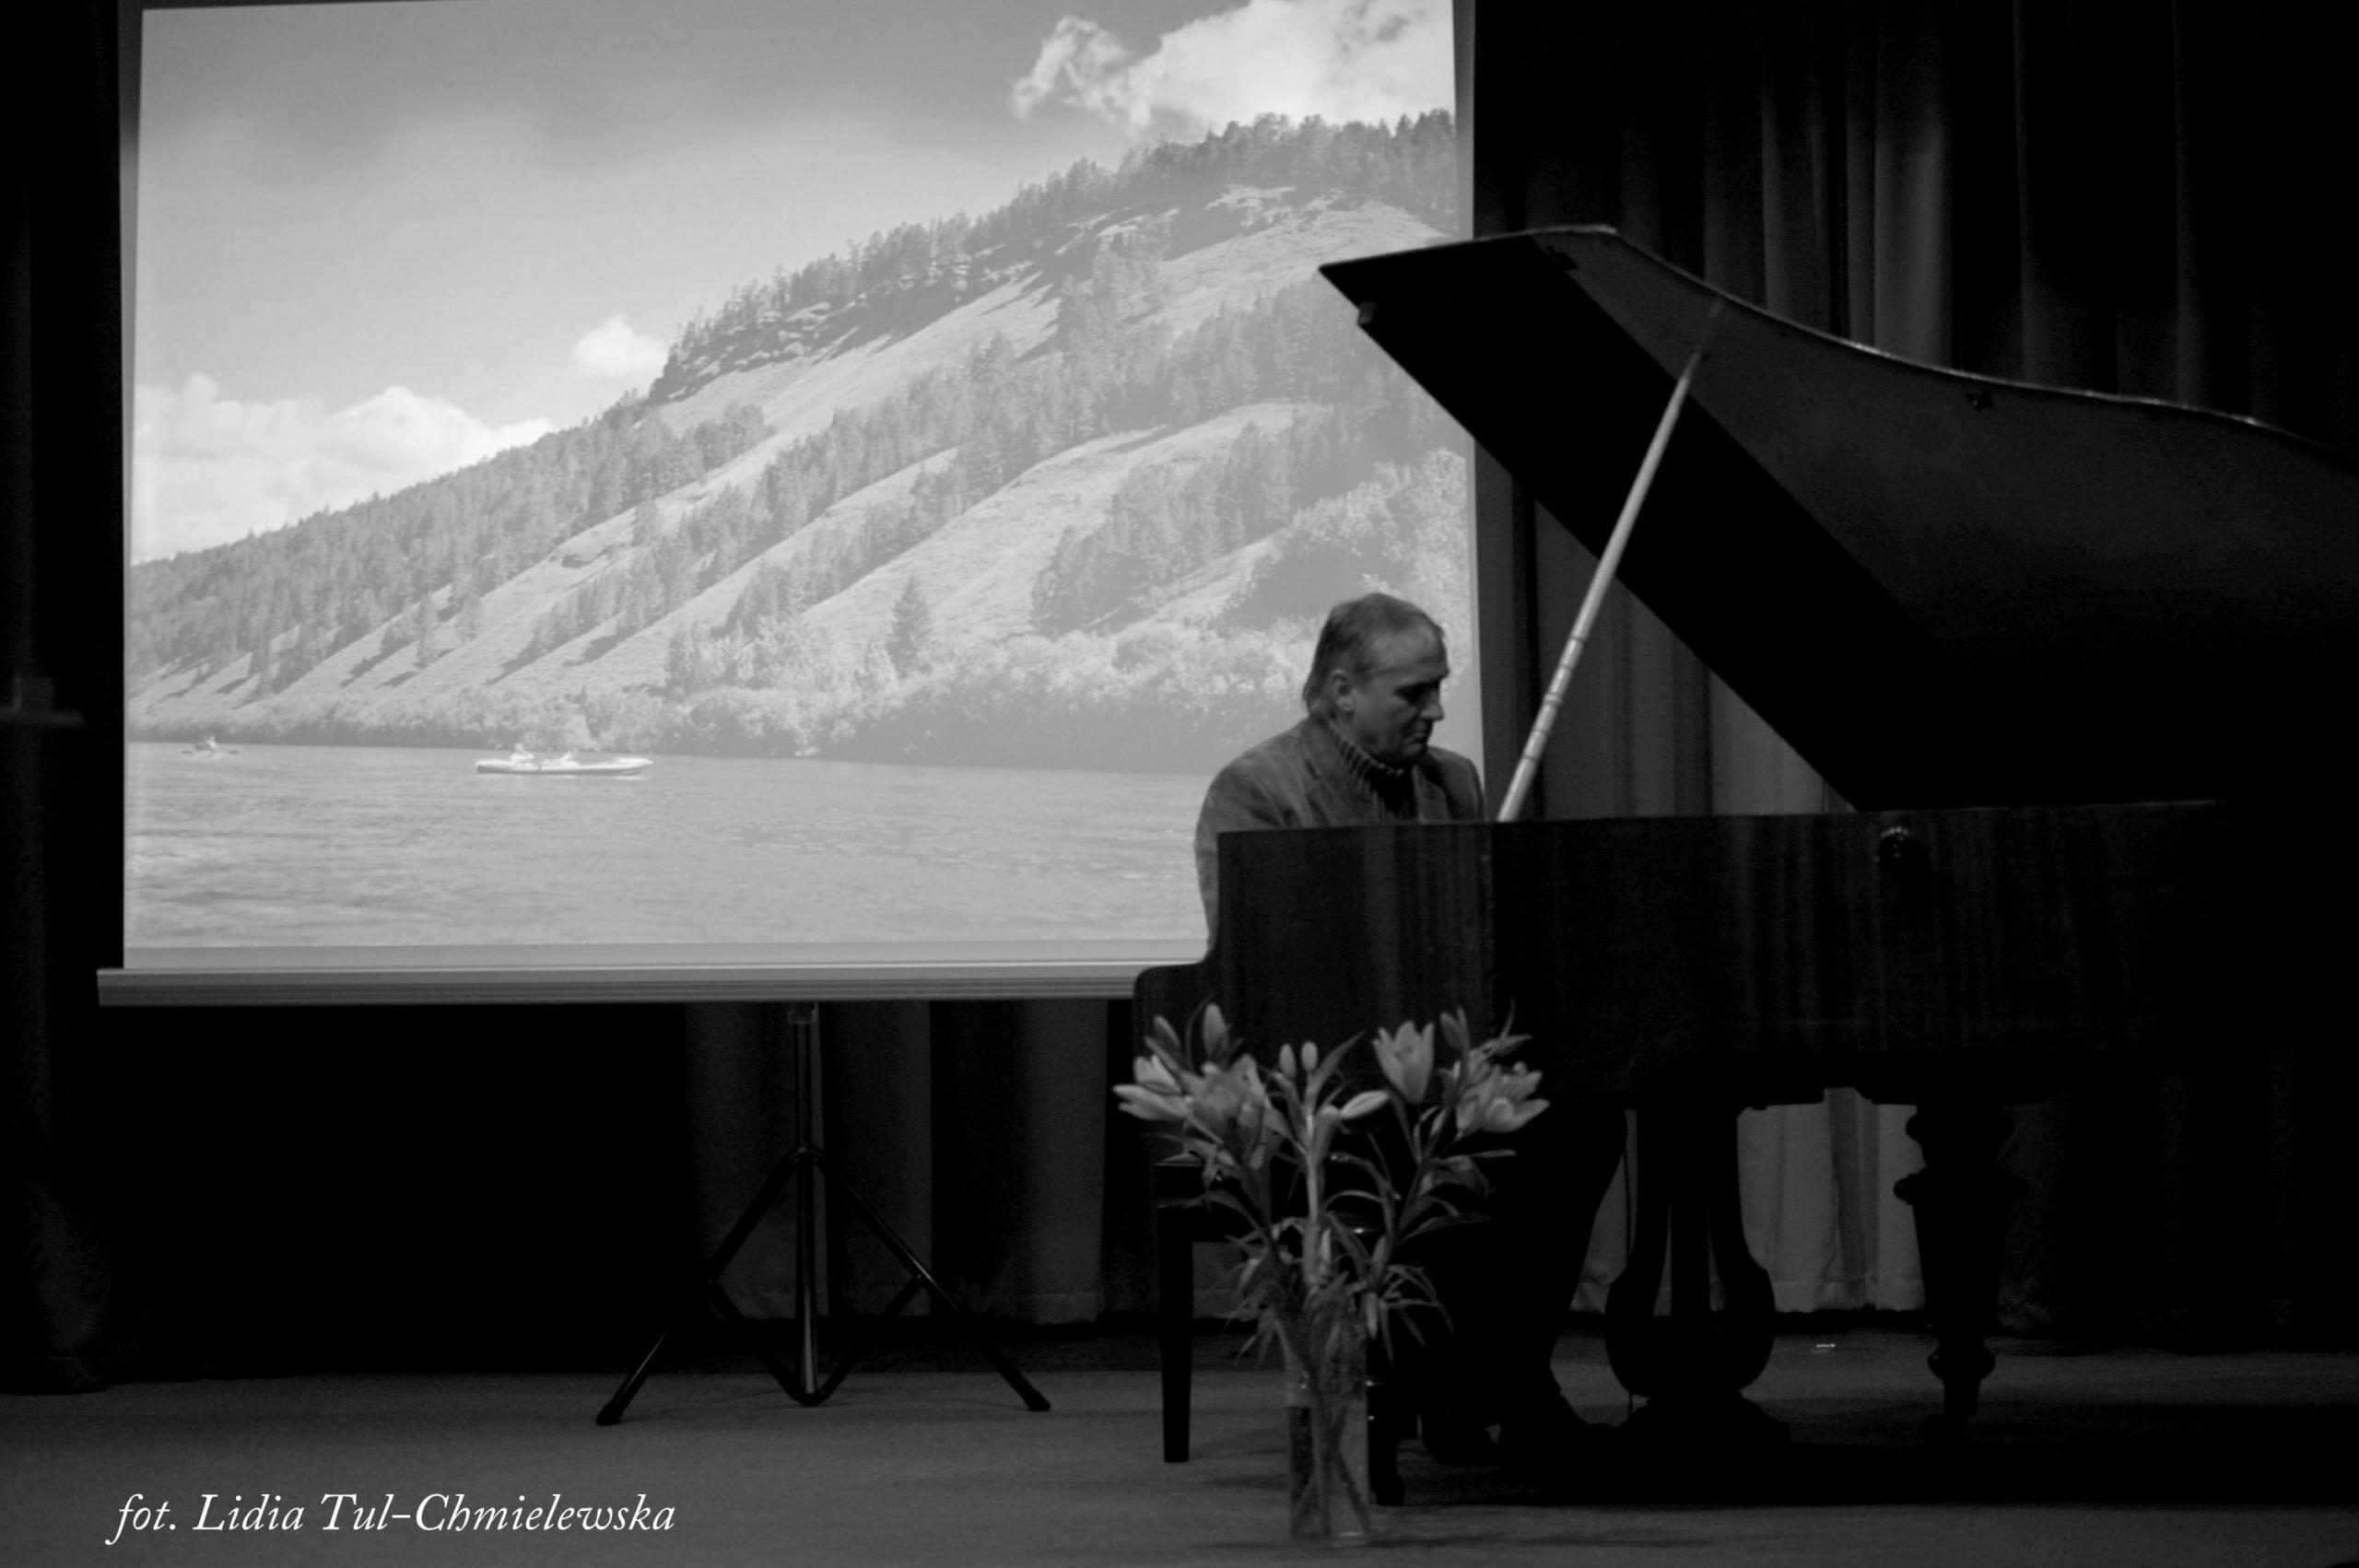 Na spotkaniach także raczył muzyką Koperski Romuald fot. Lidia Tul-Chmielewska